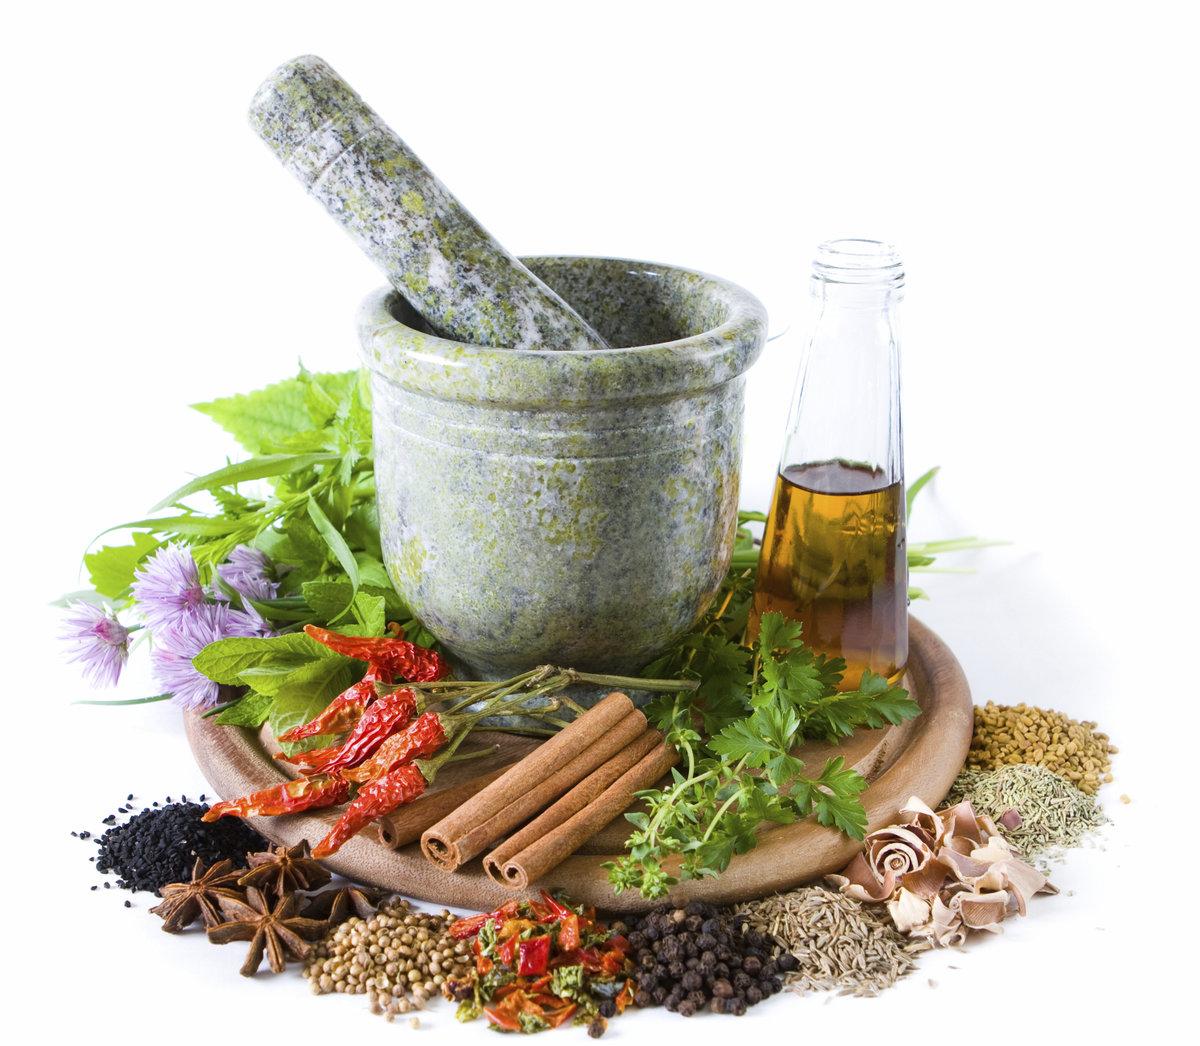 Травы для поджелудочной железы - полезные сборы и лечение